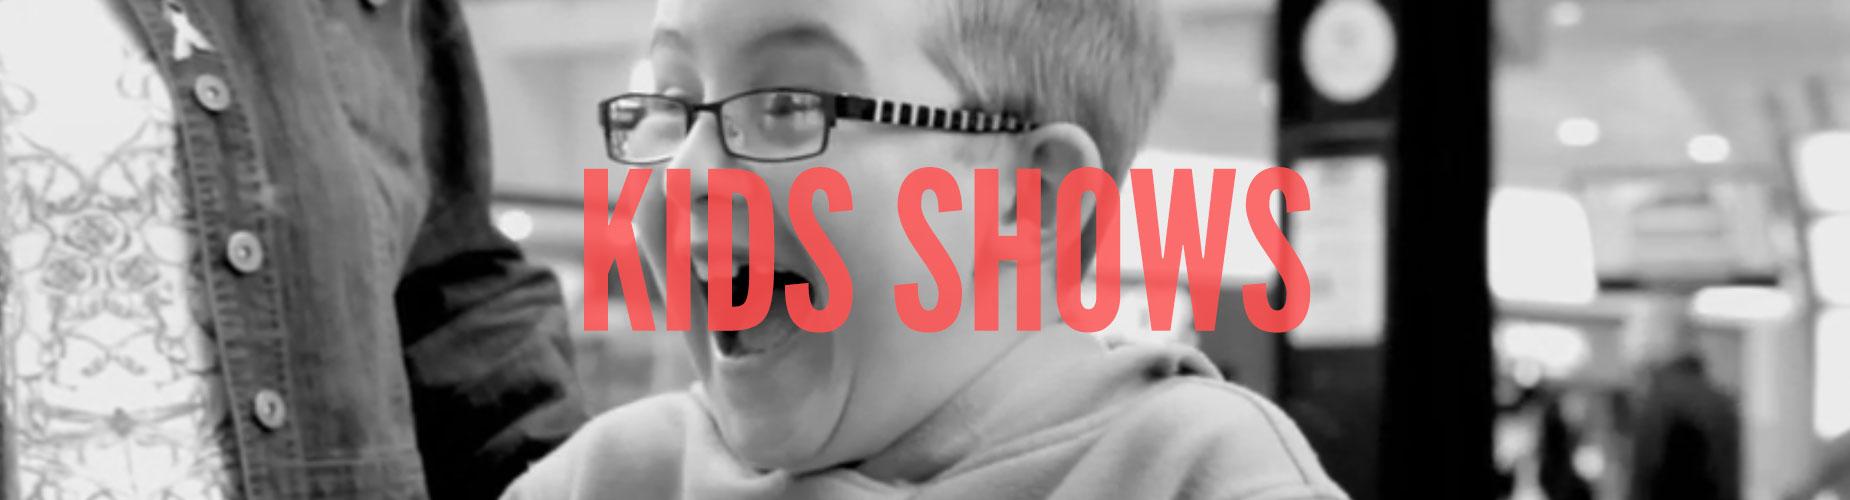 KidsShows